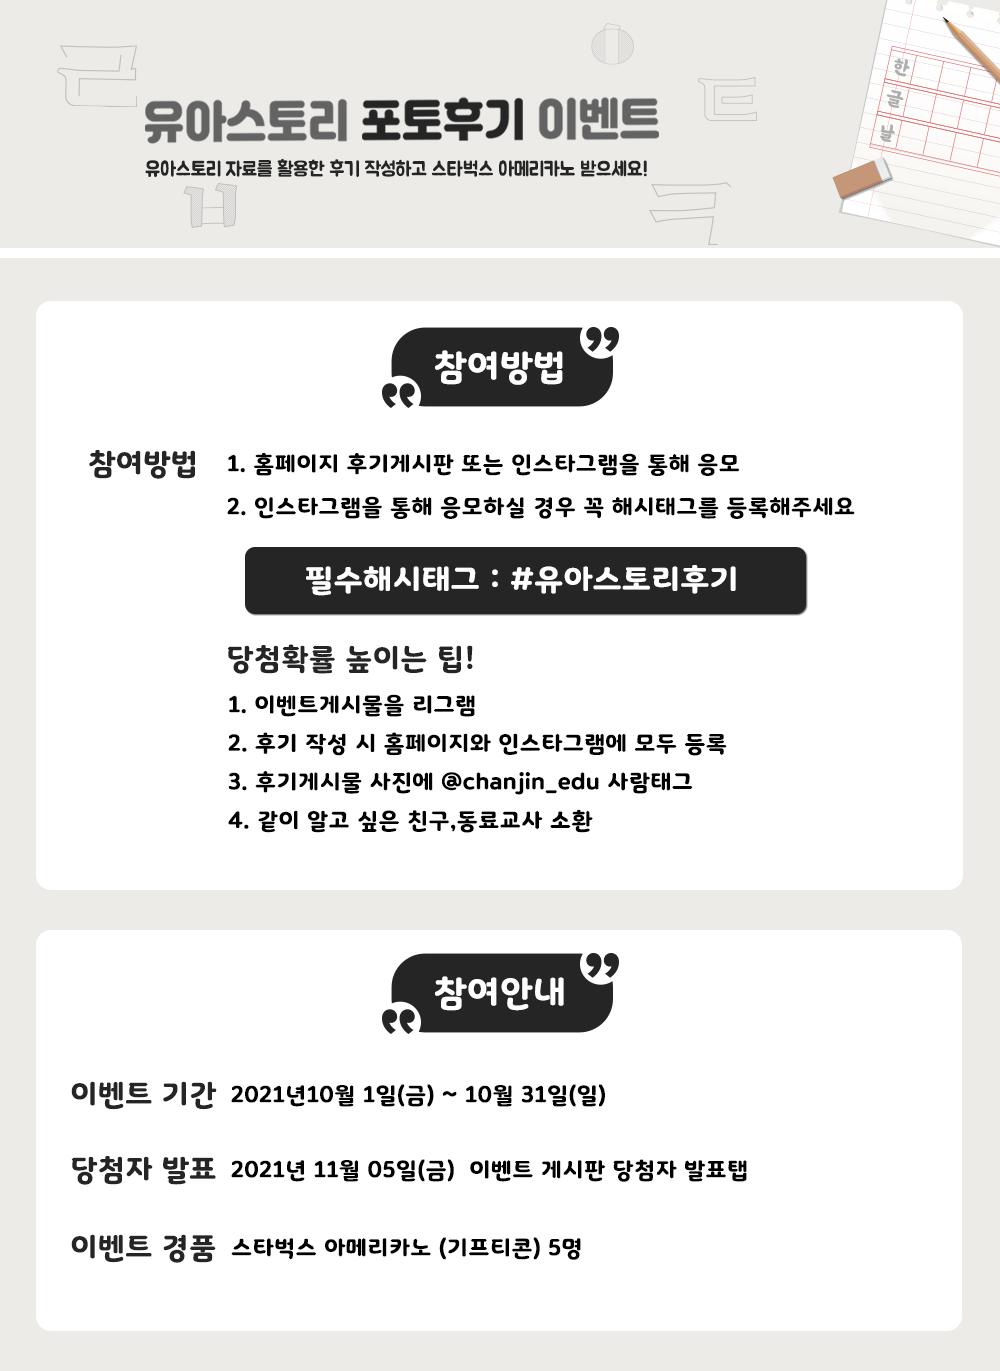 [포토후기] 10월 이벤트 포토후기 상세 (1000).png